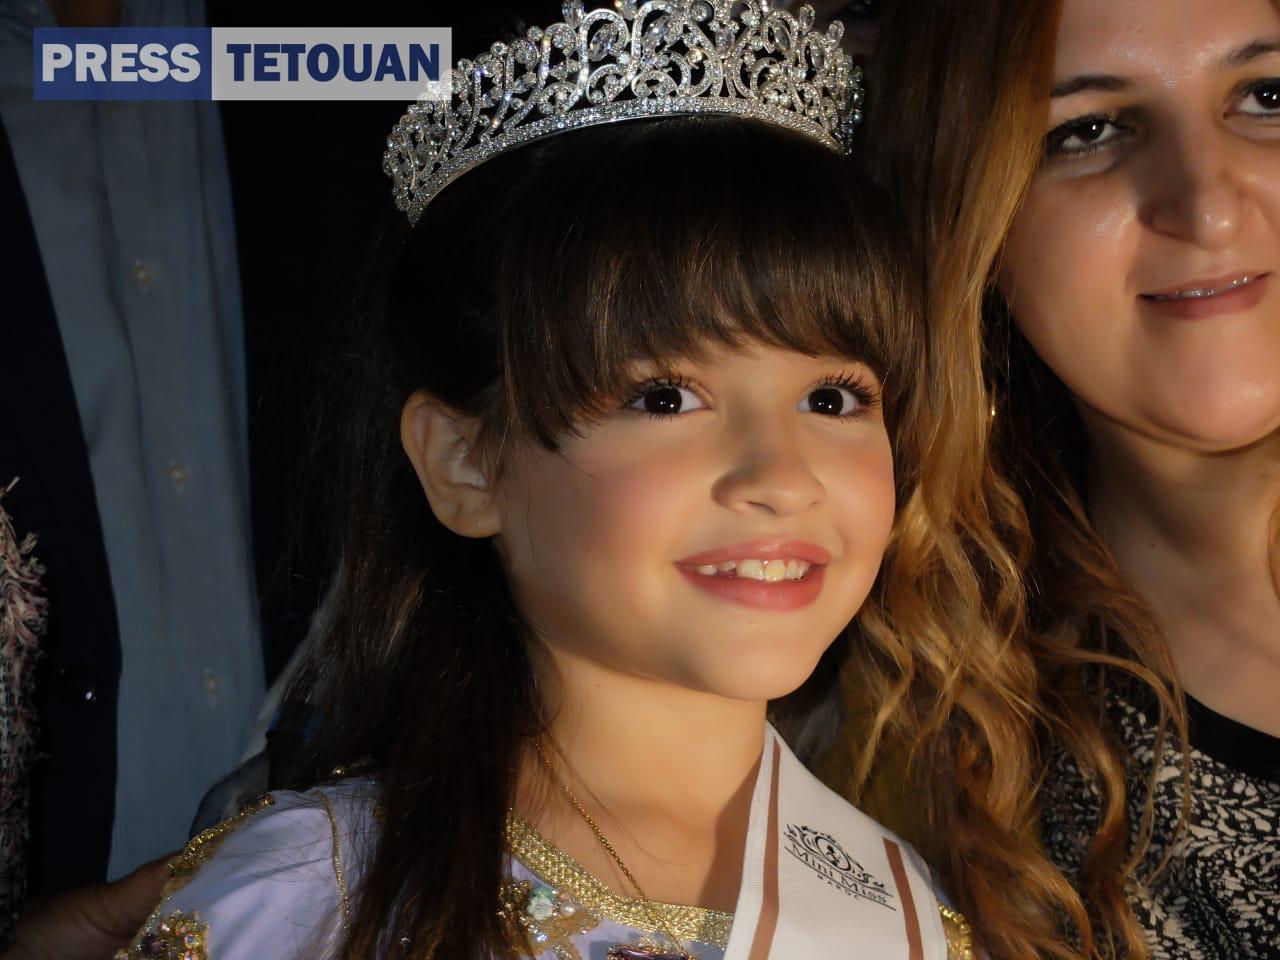 شمالية تفوز بلقب أصغر ملكة جمال المغرب بريس تطوان أخبار تطوان